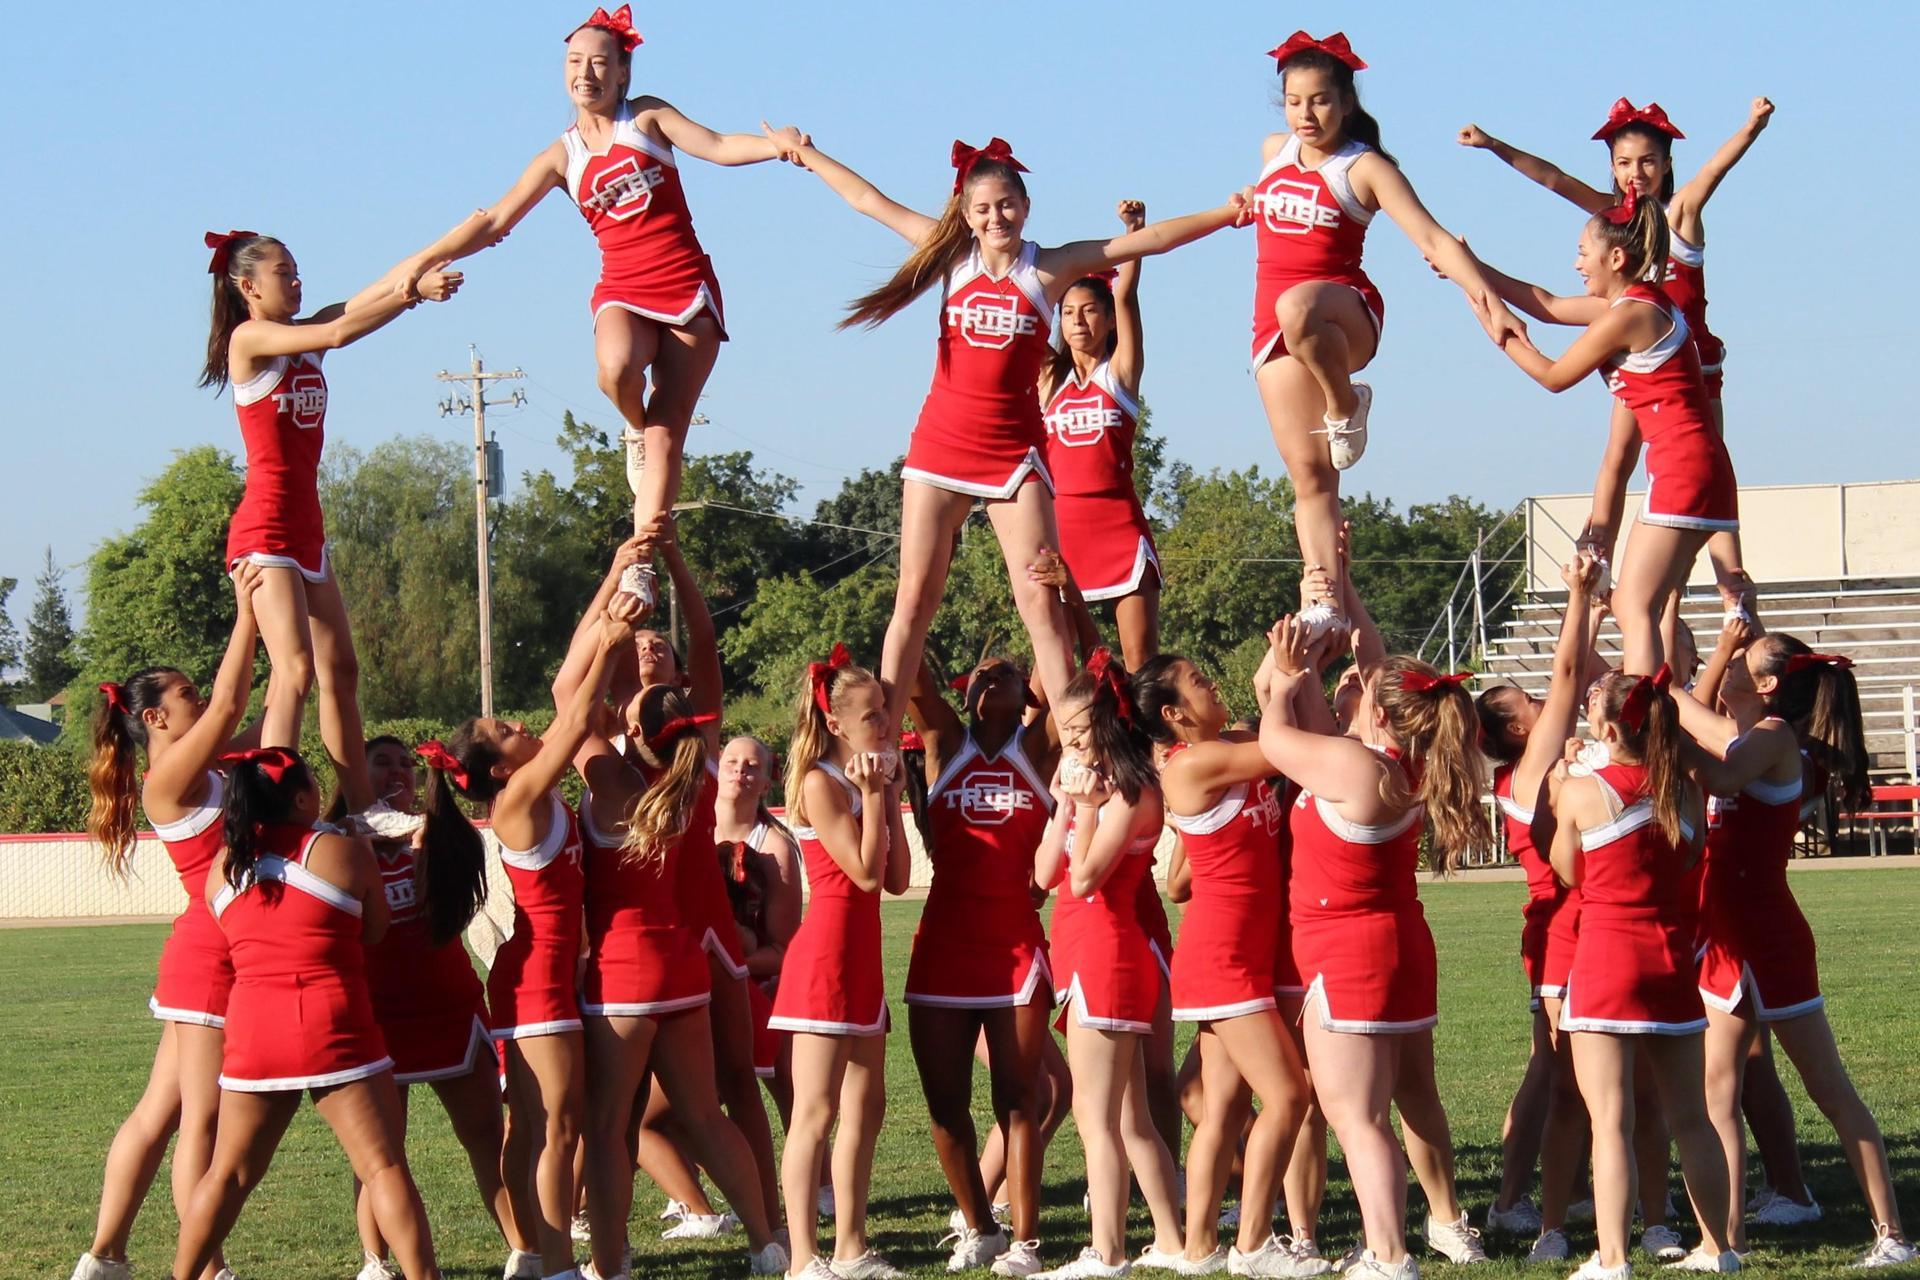 cheerleaders performing a routine